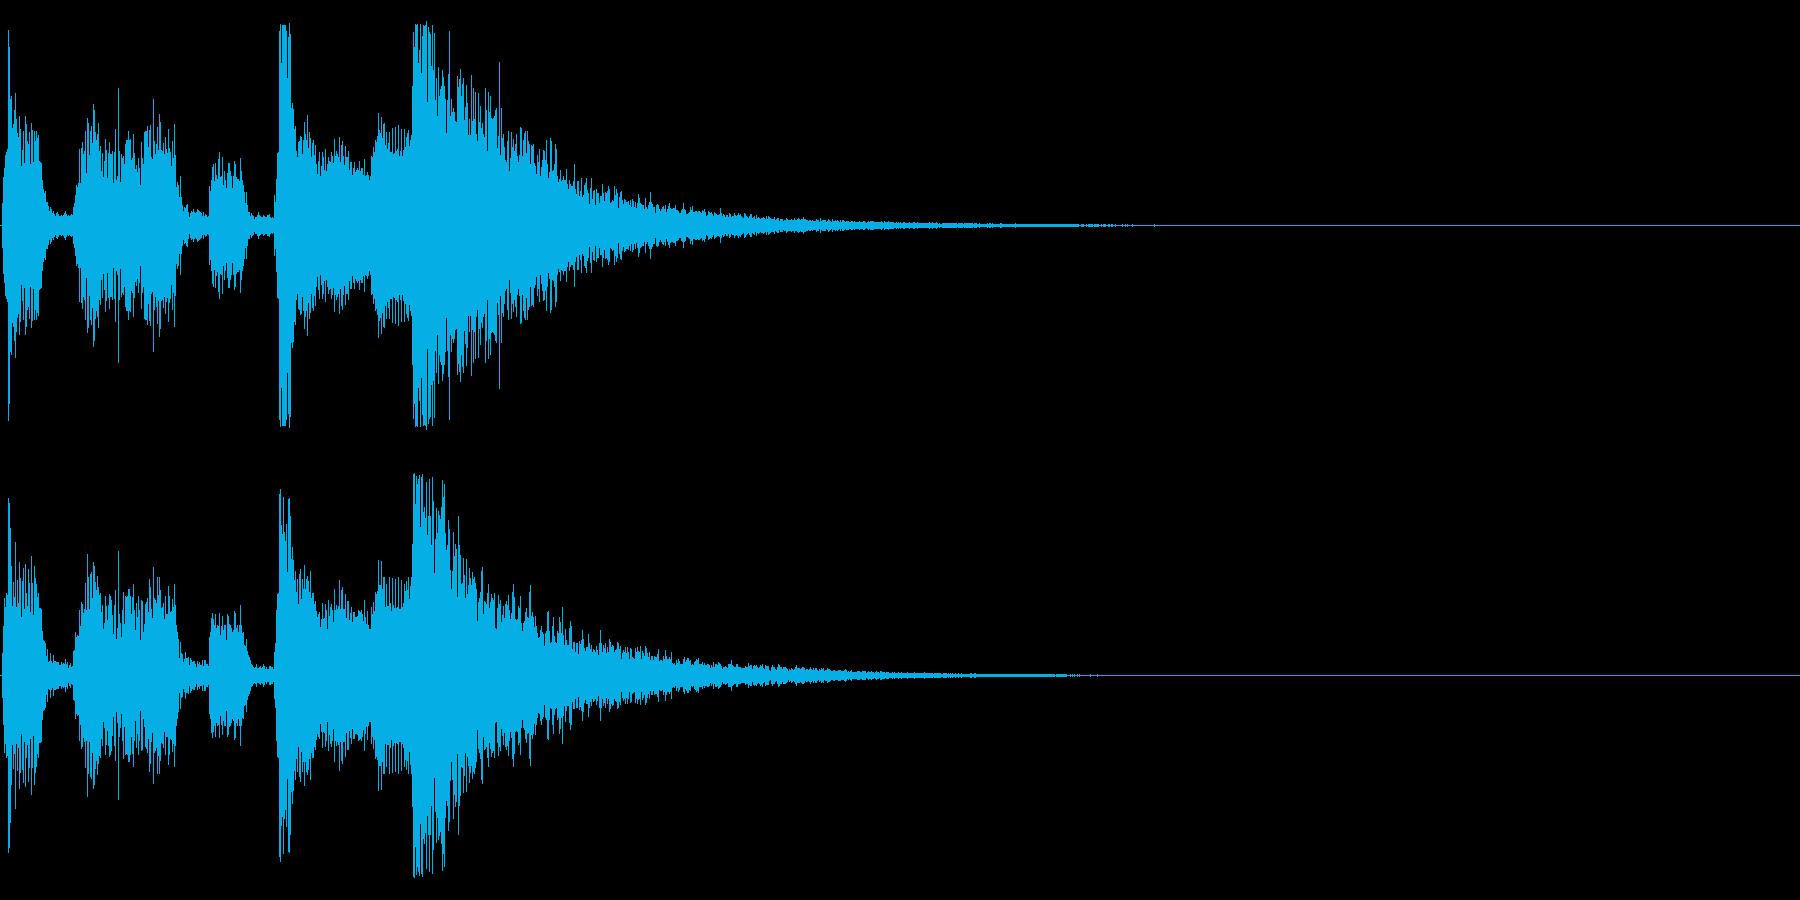 Sax音色がメインのファンファーレの再生済みの波形